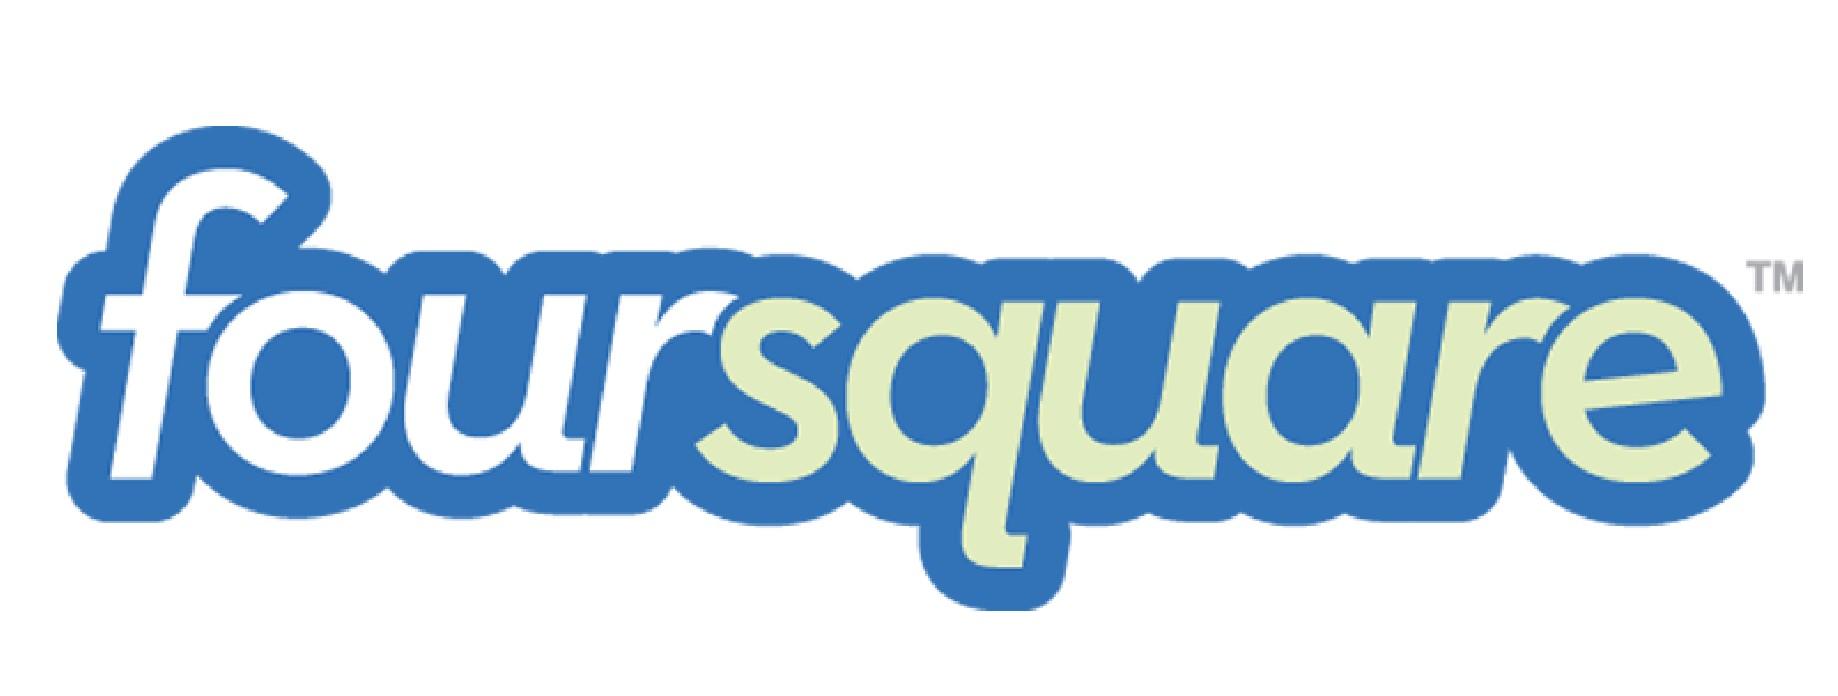 Foursquare popsa.biz